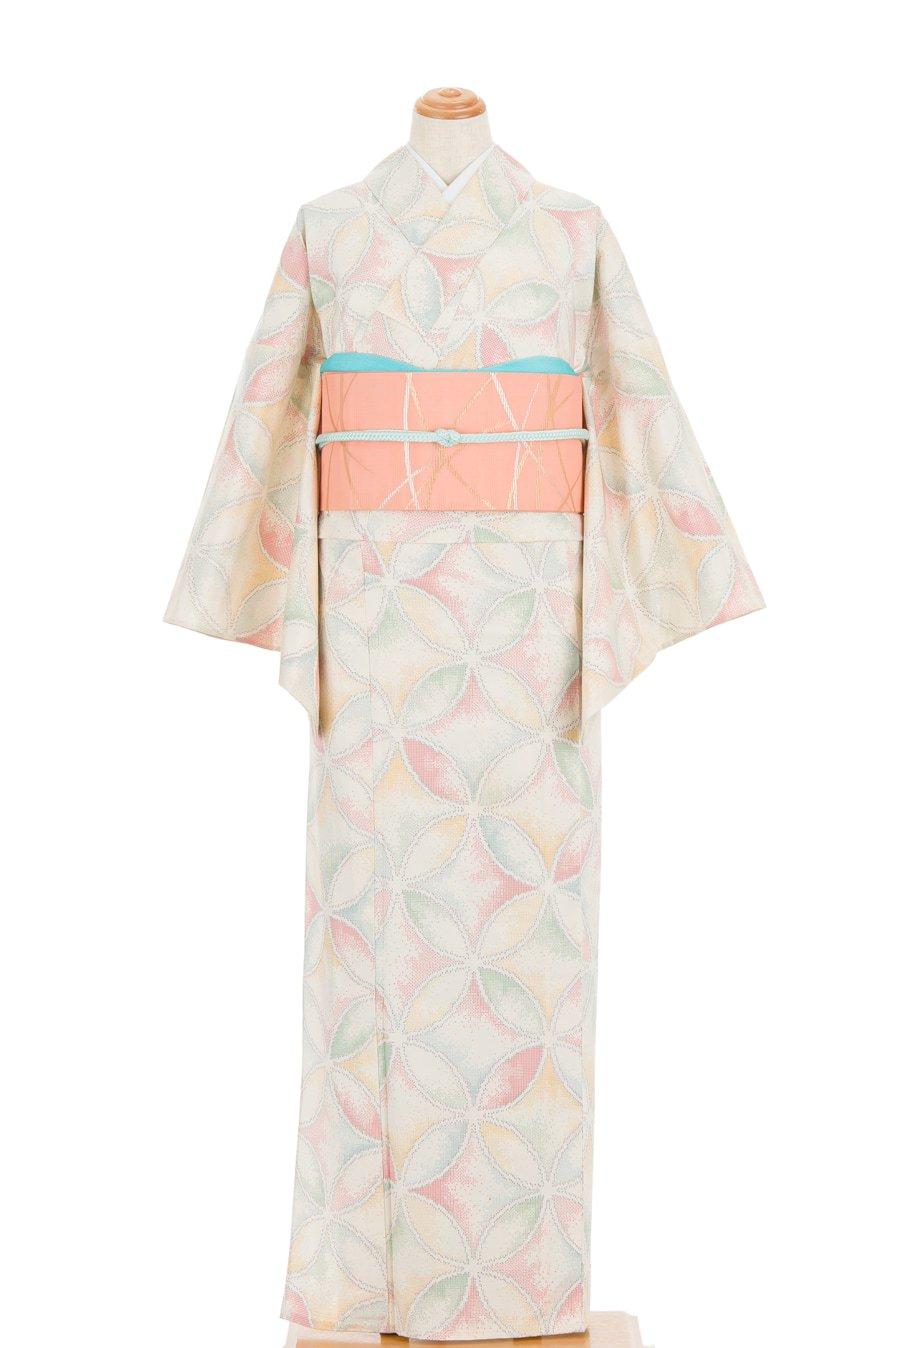 「単衣 紬 パステルカラーの七宝」の商品画像